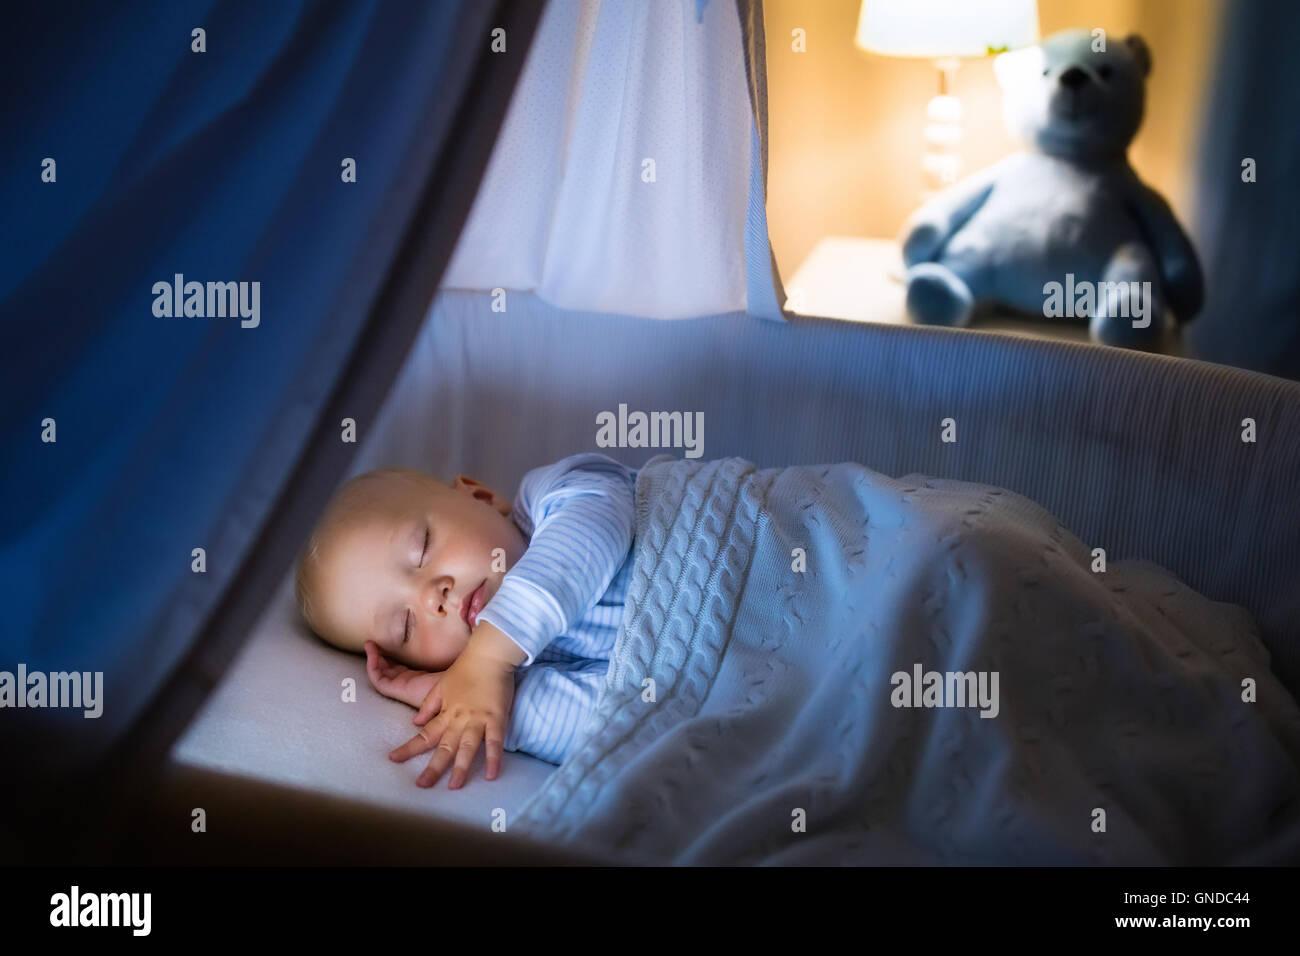 Baby in cot stockfotos & baby in cot bilder alamy